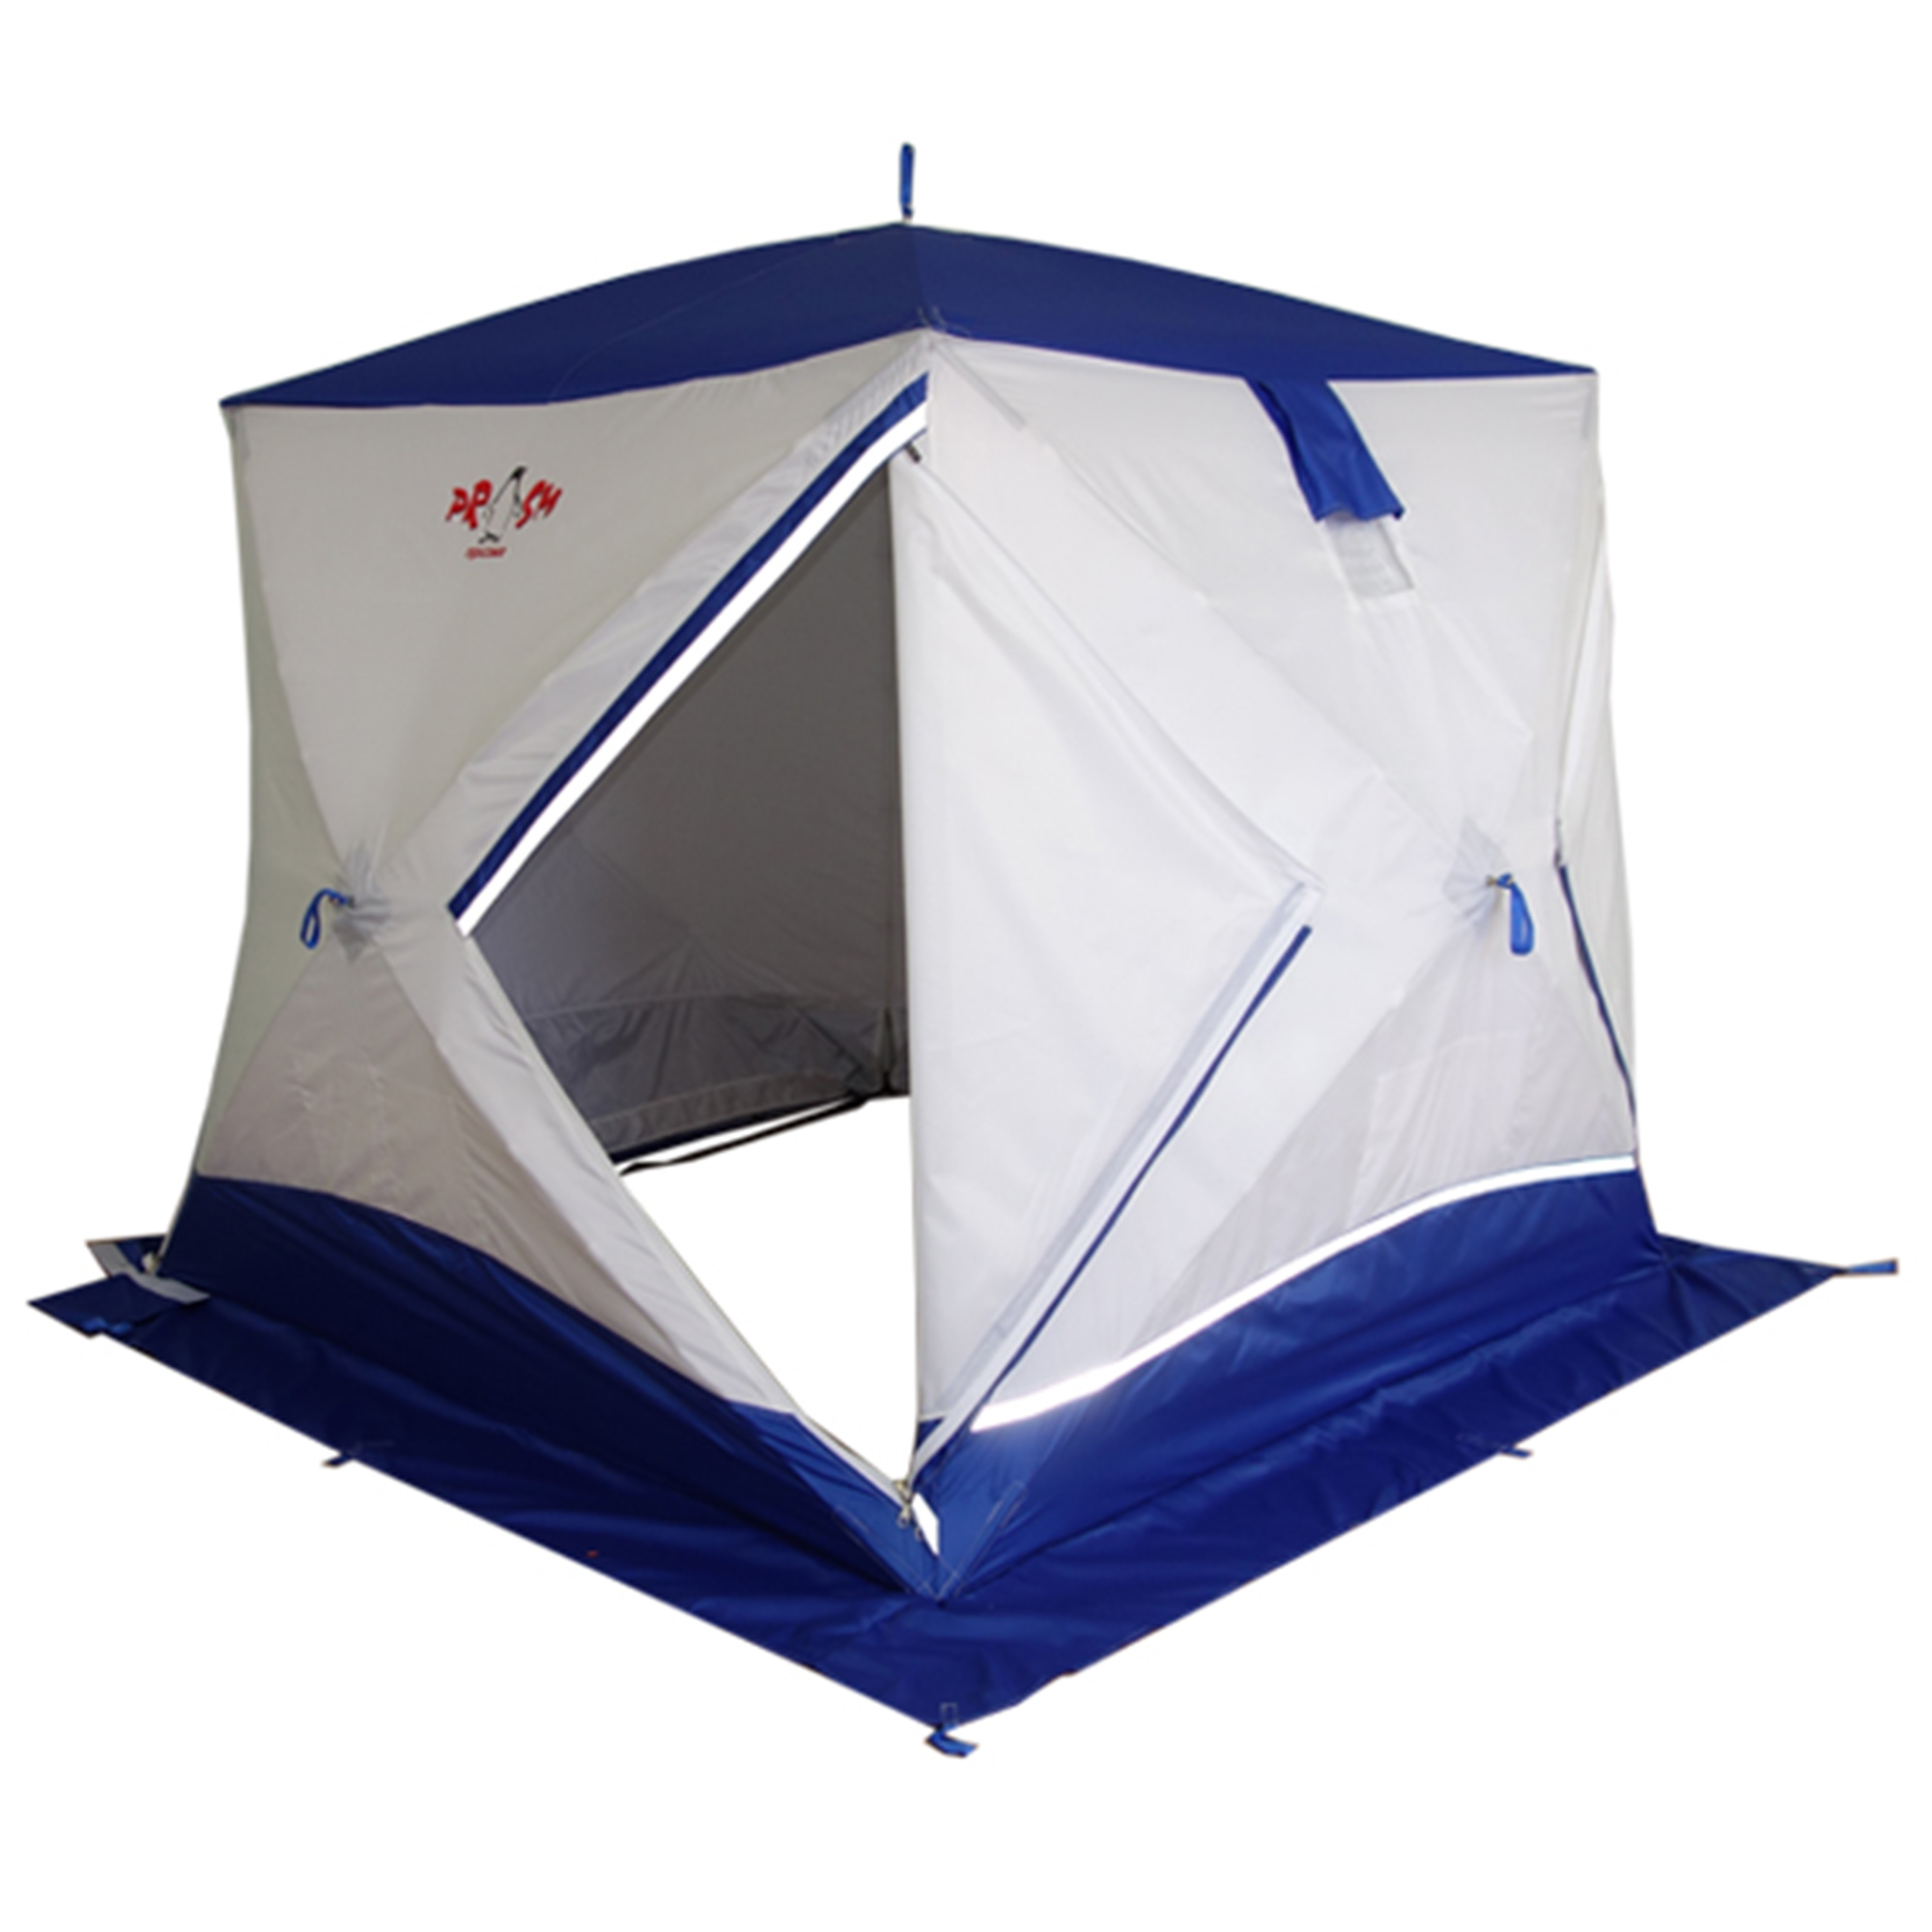 Палатка-куб ПИНГВИН Призма Шелтерс Премиум (2-сл.), Палатки - арт. 1128420162